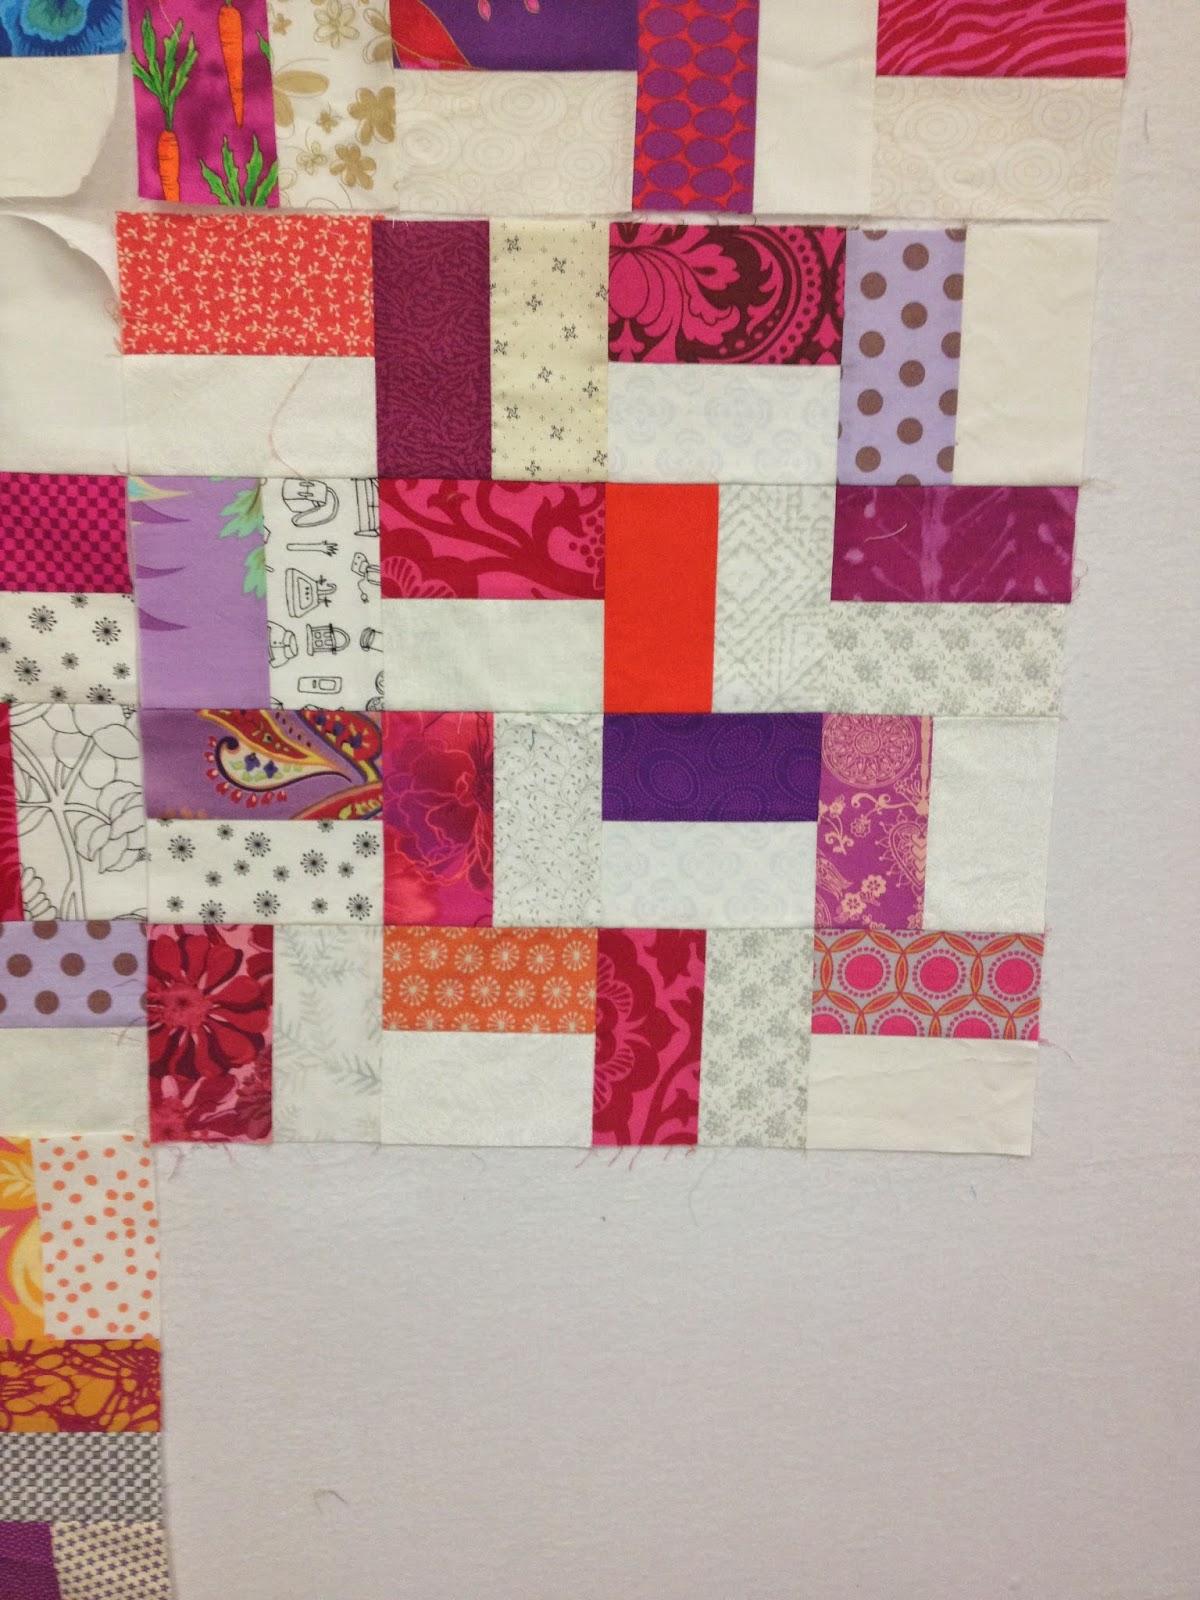 San Antonio Modern Quilt Guild: August 2014 Block of the Month : san antonio modern quilt guild - Adamdwight.com